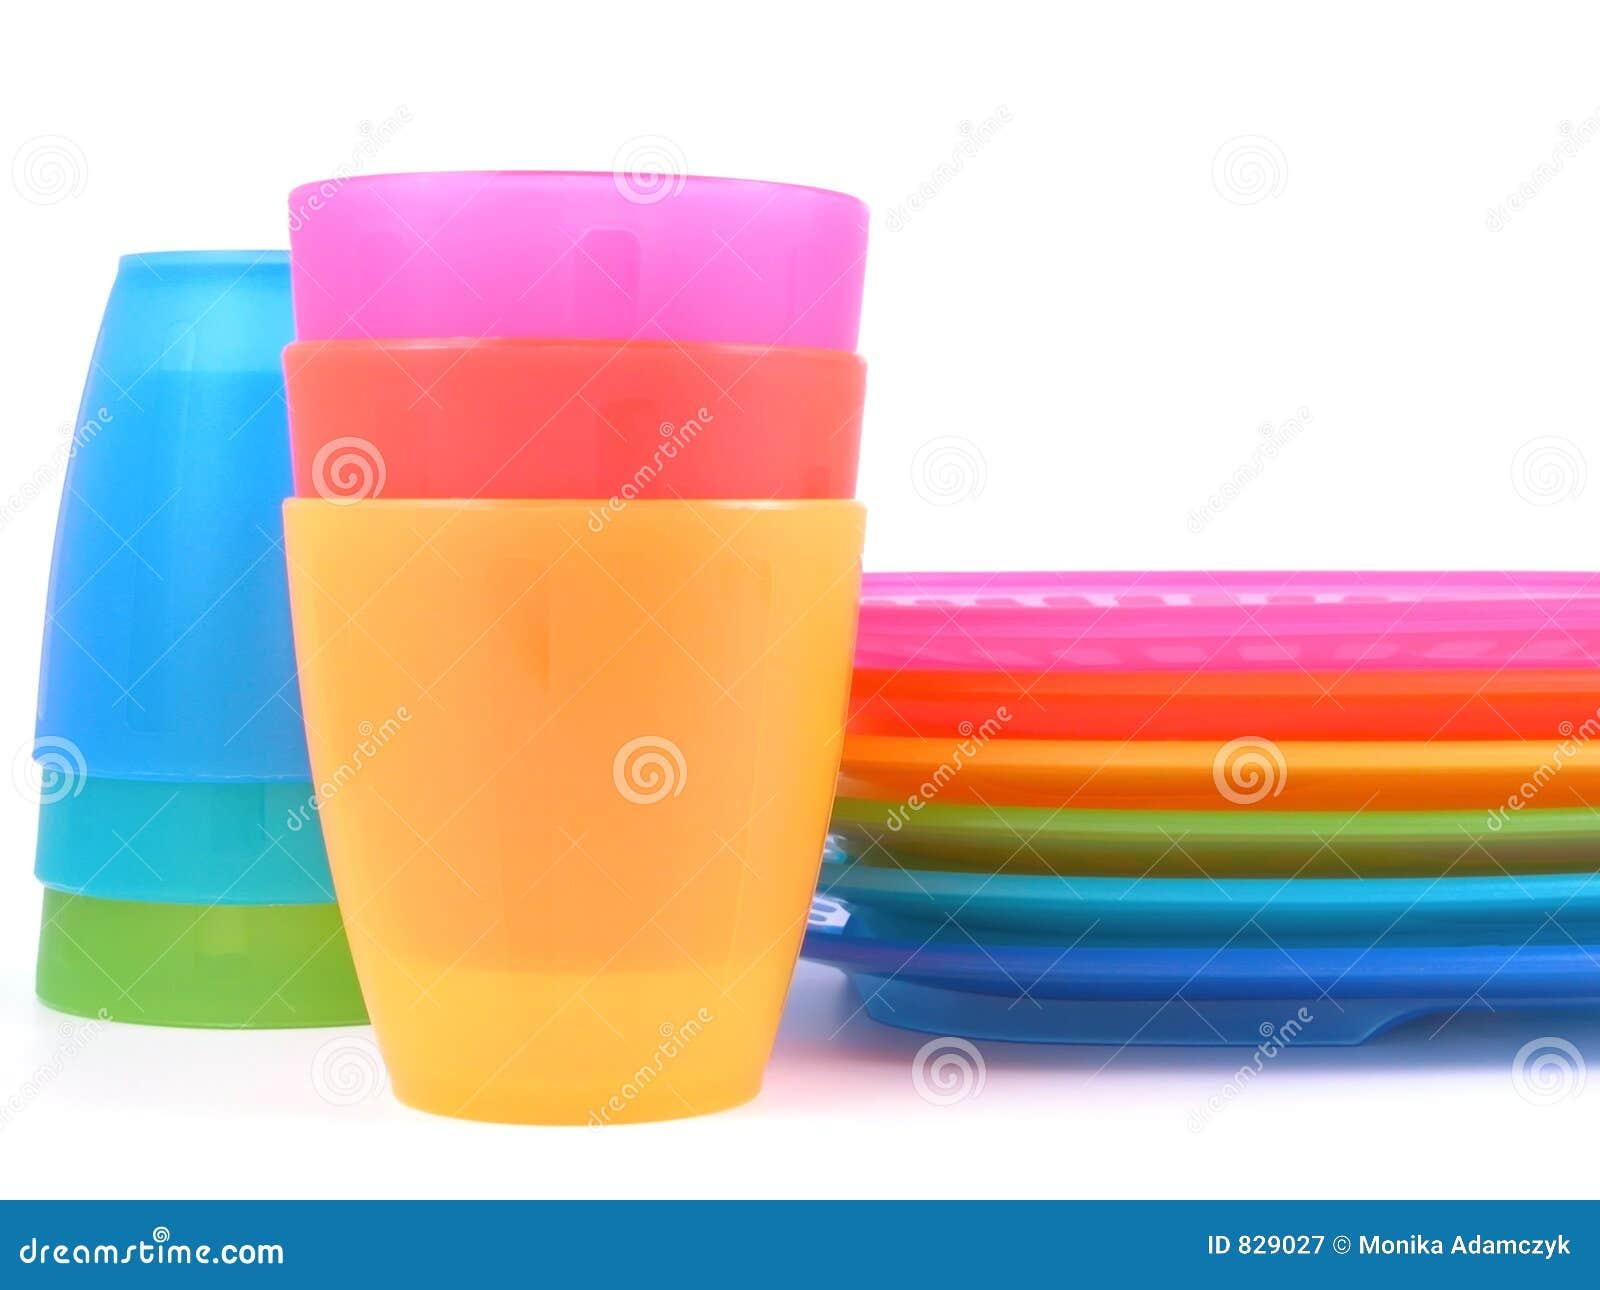 sc 1 st  CartoonDealer.com & Plastic Cups And Plates Stock Photography   CartoonDealer.com #9285122